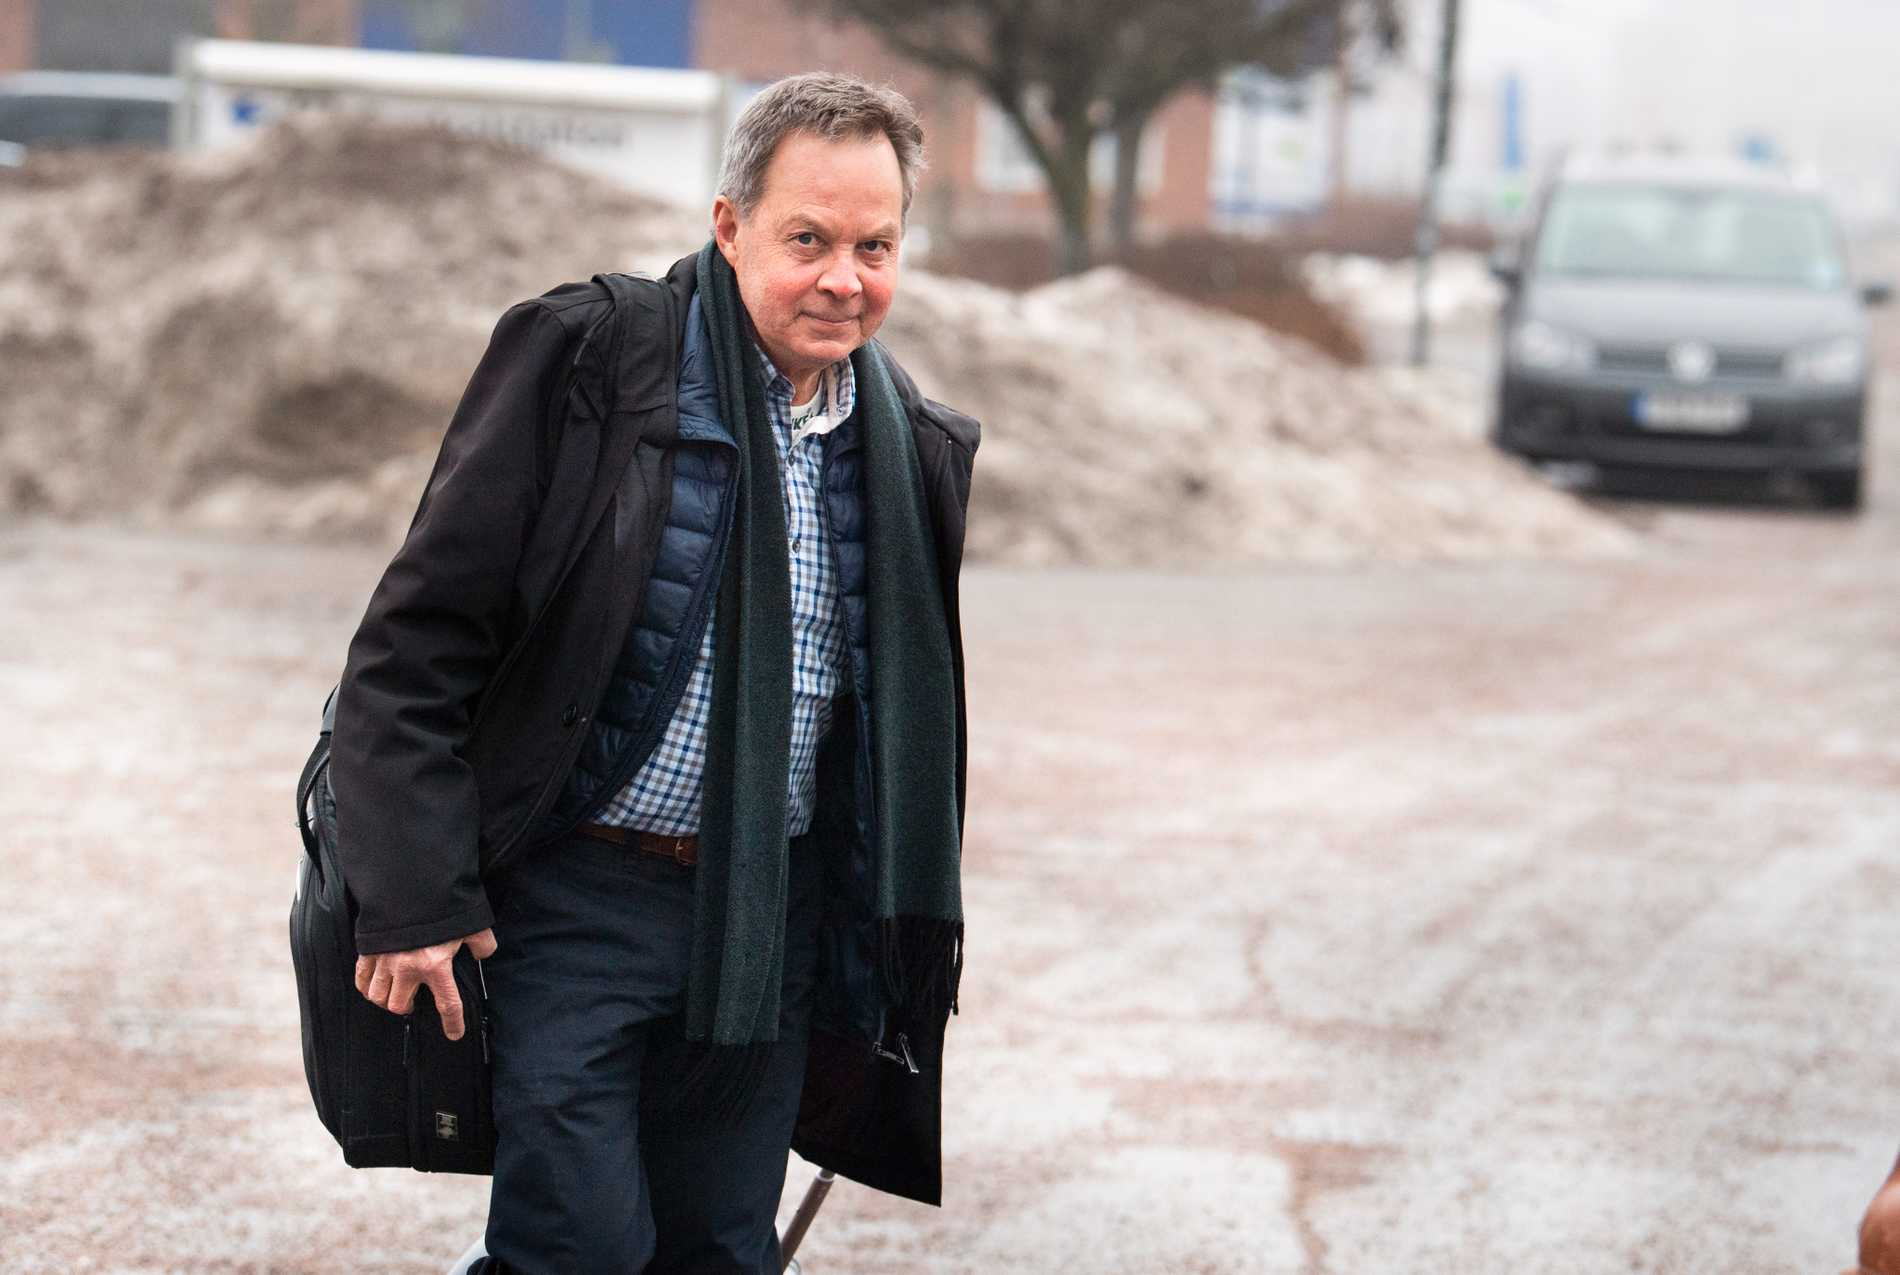 Rättegången startade i veckan, i Västmanlands tingsrätt i Västerås.